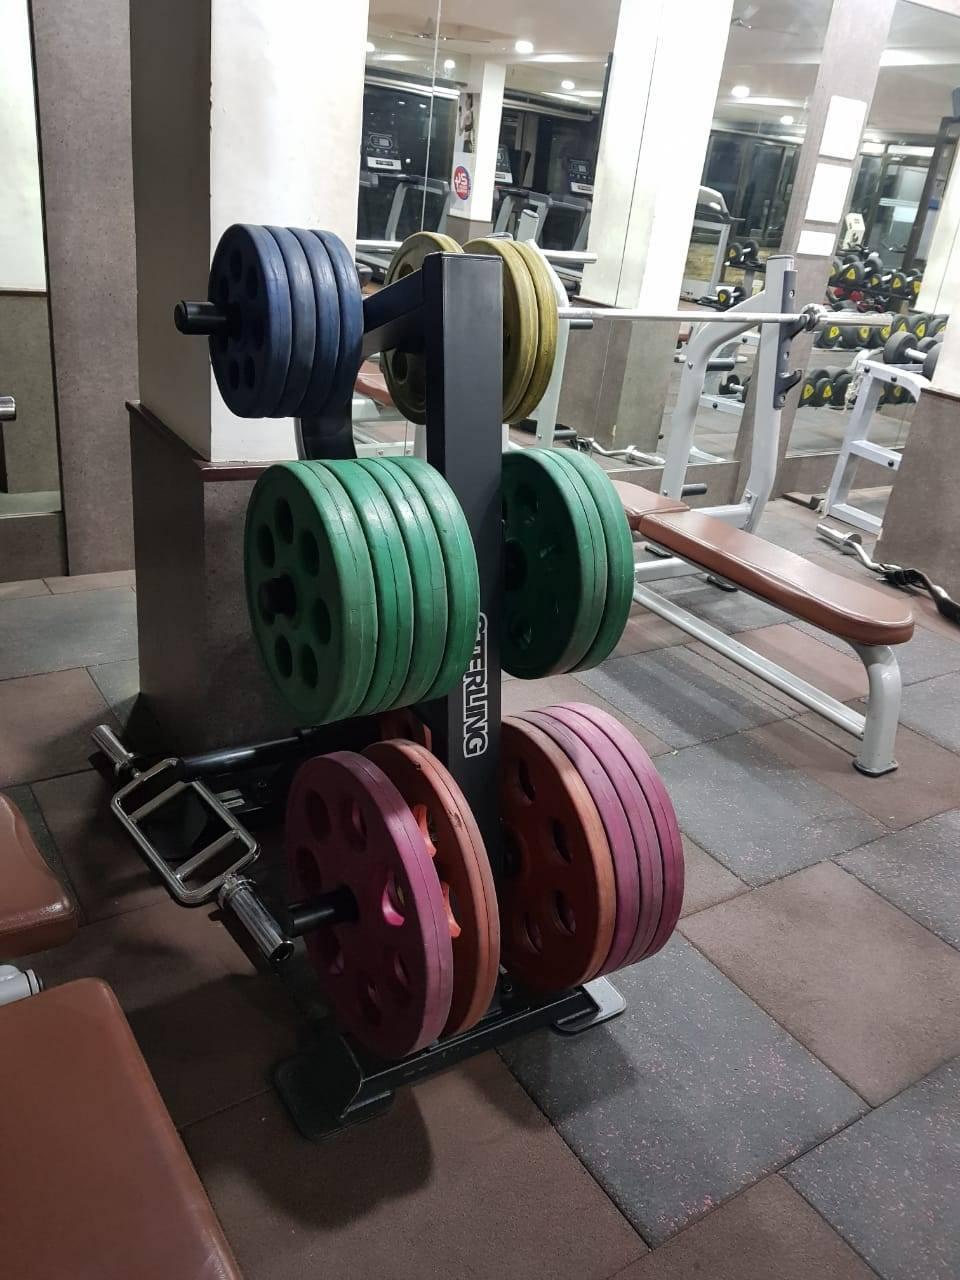 mehsana-mahesana-gidc-24-Hour-Fitness-Gym-_473_NDcz_MTU0Ng